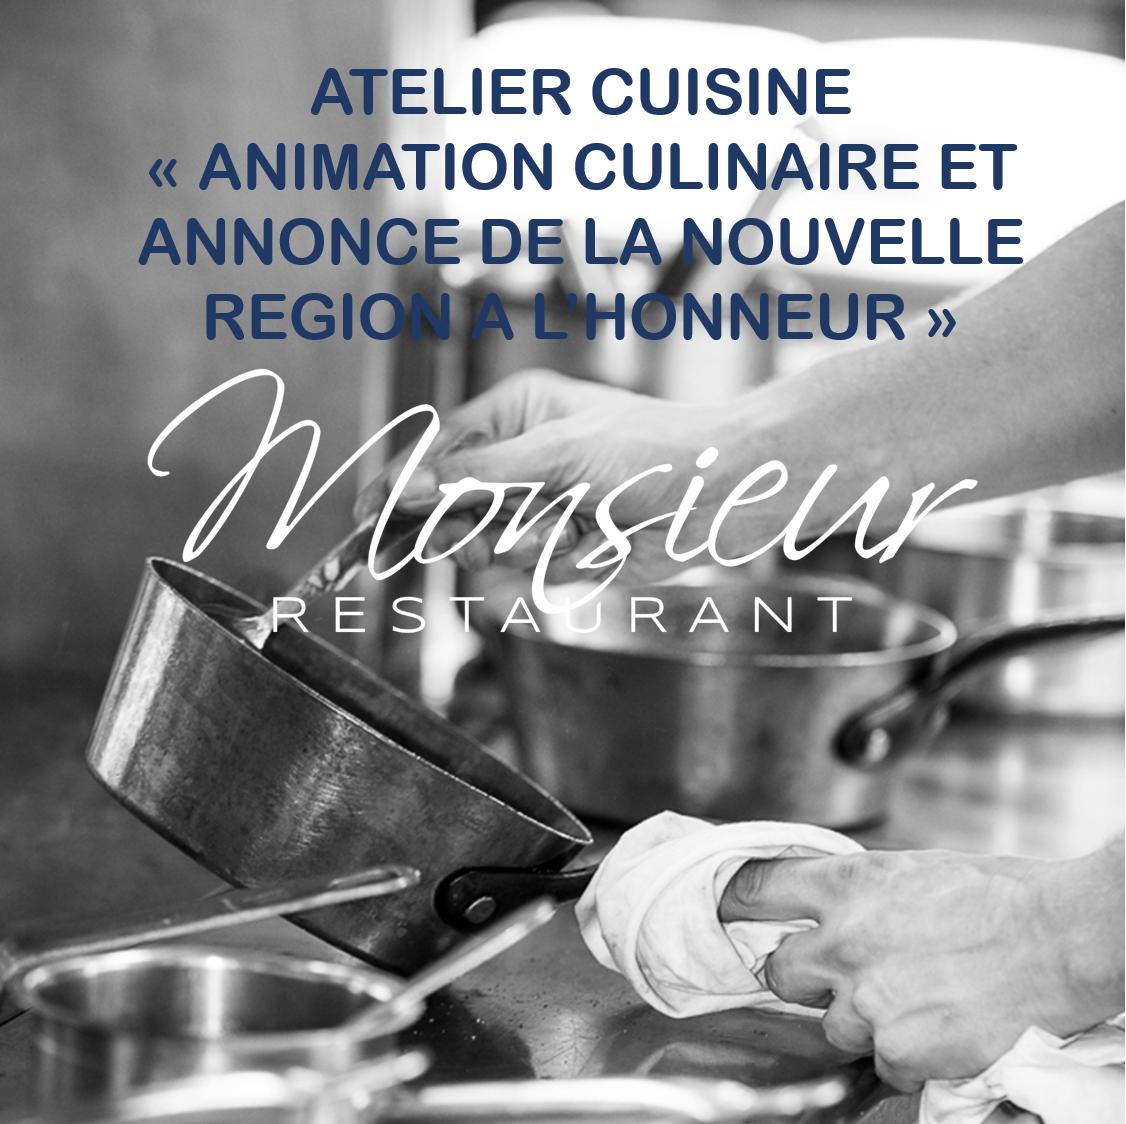 Atelier Cuisine / 4ème mercredi de chaque mois